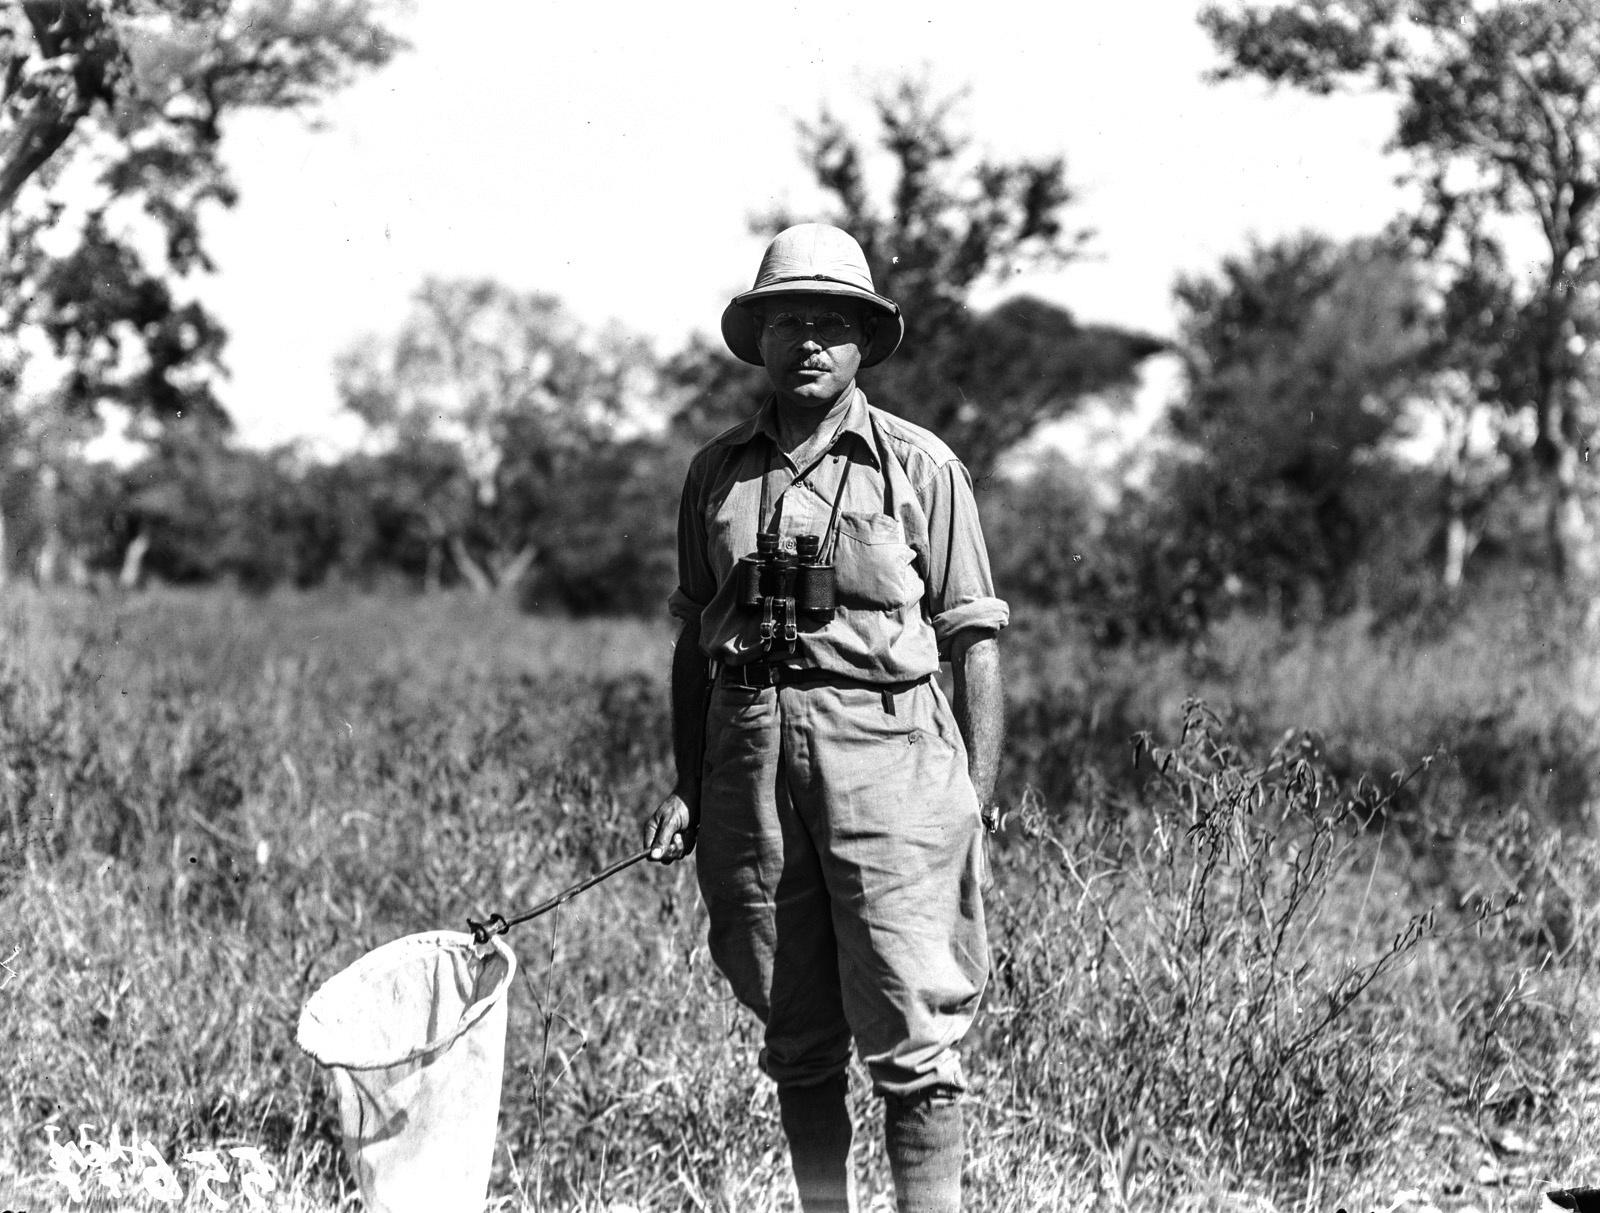 Национальный парк Крюгера. Д-р Хаас с сачком